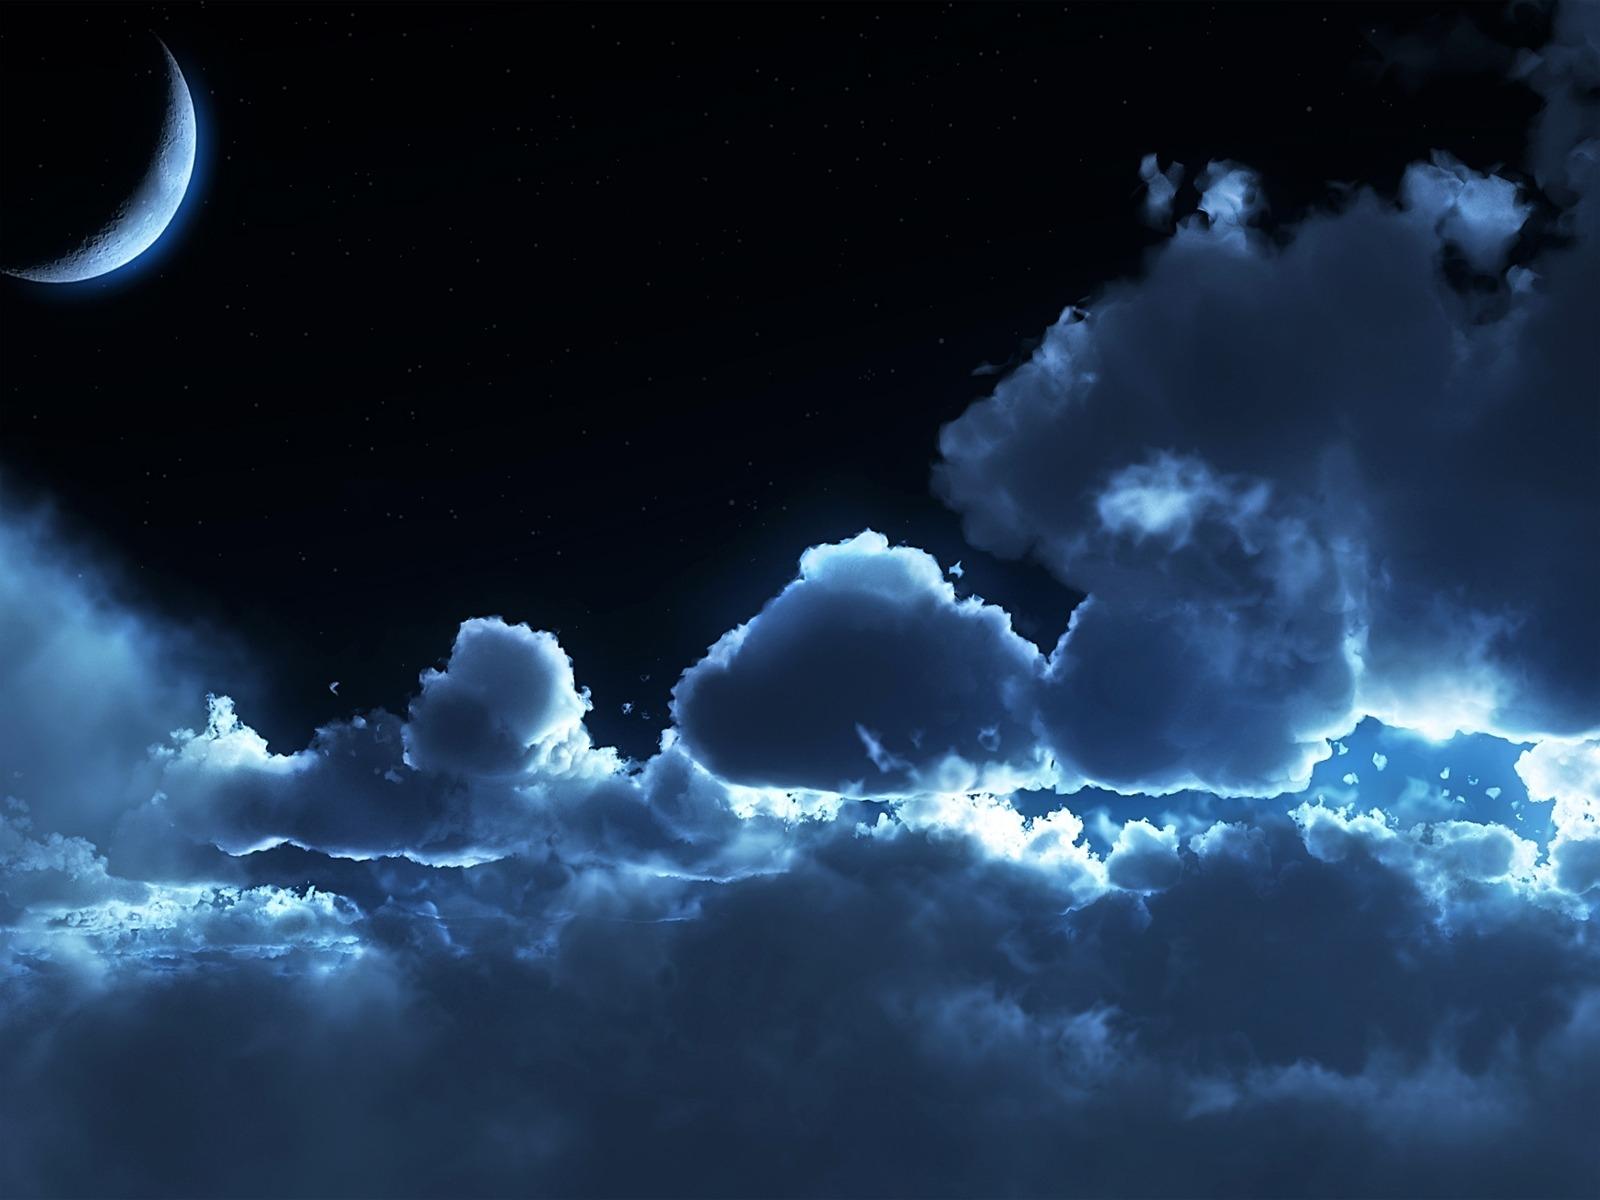 wallpaper sunlight night sky